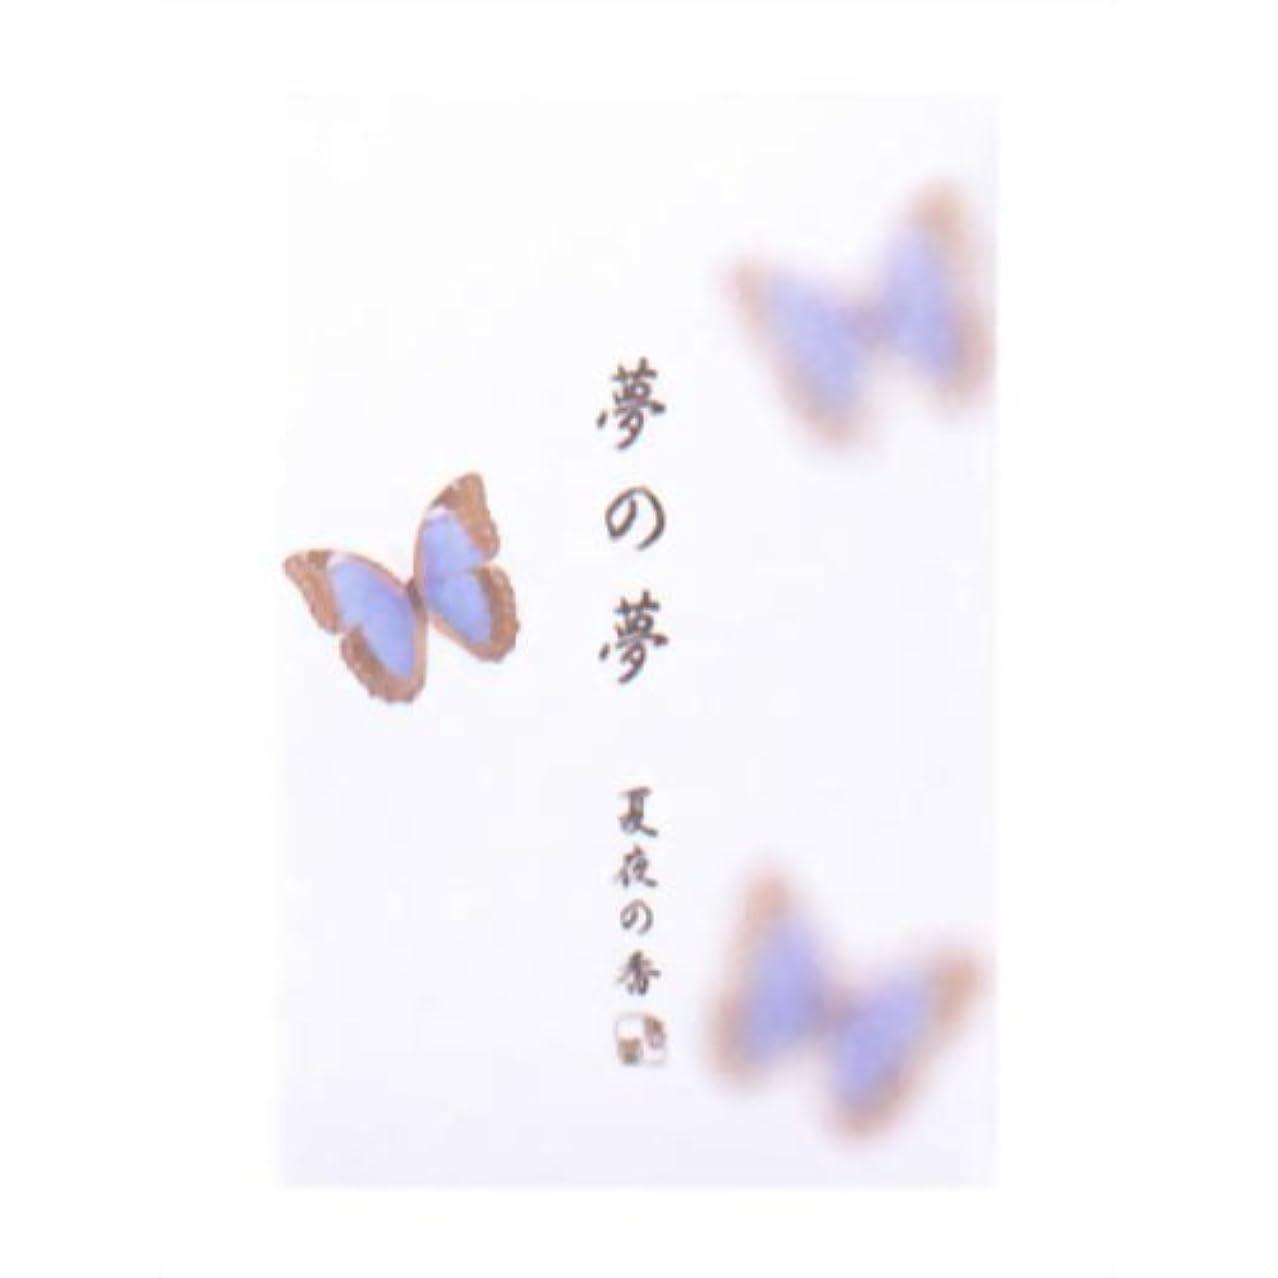 強調するテンション心理学夢の夢 夏夜の香 (蝶々) スティック12本入